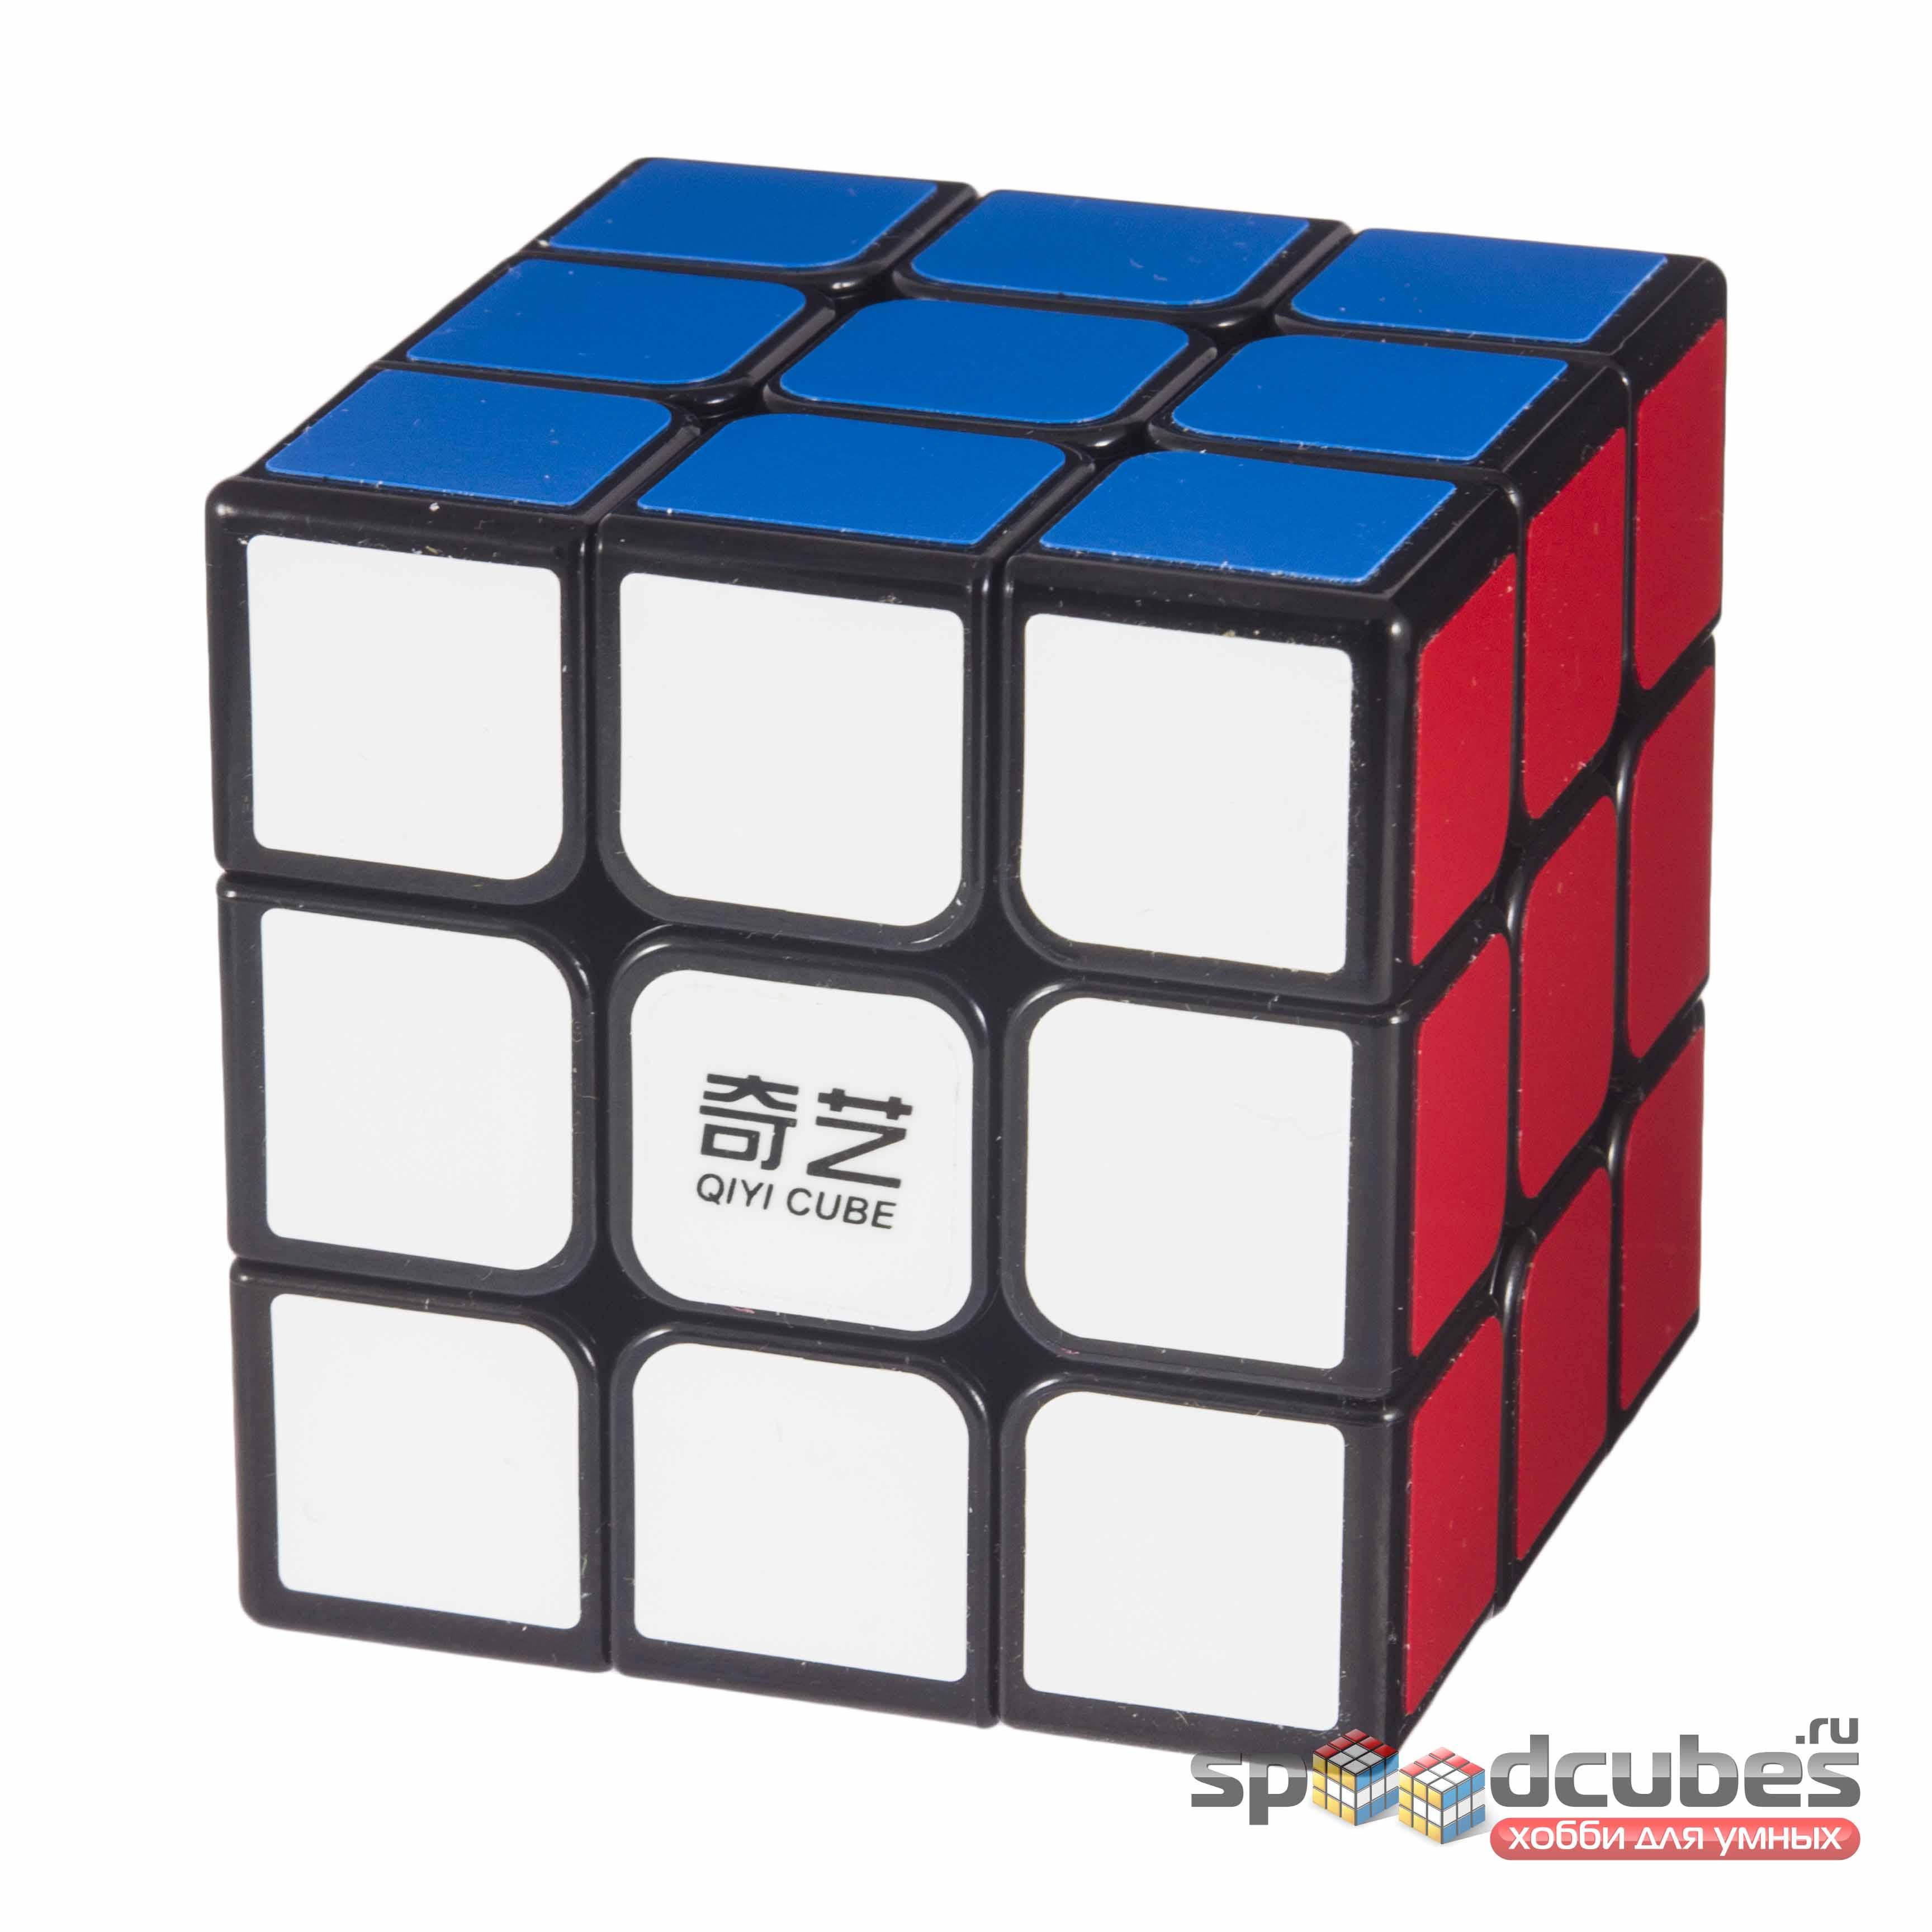 QiYi (MoFangGe) 3x3x3 Qihang (Sail) 68 Mm